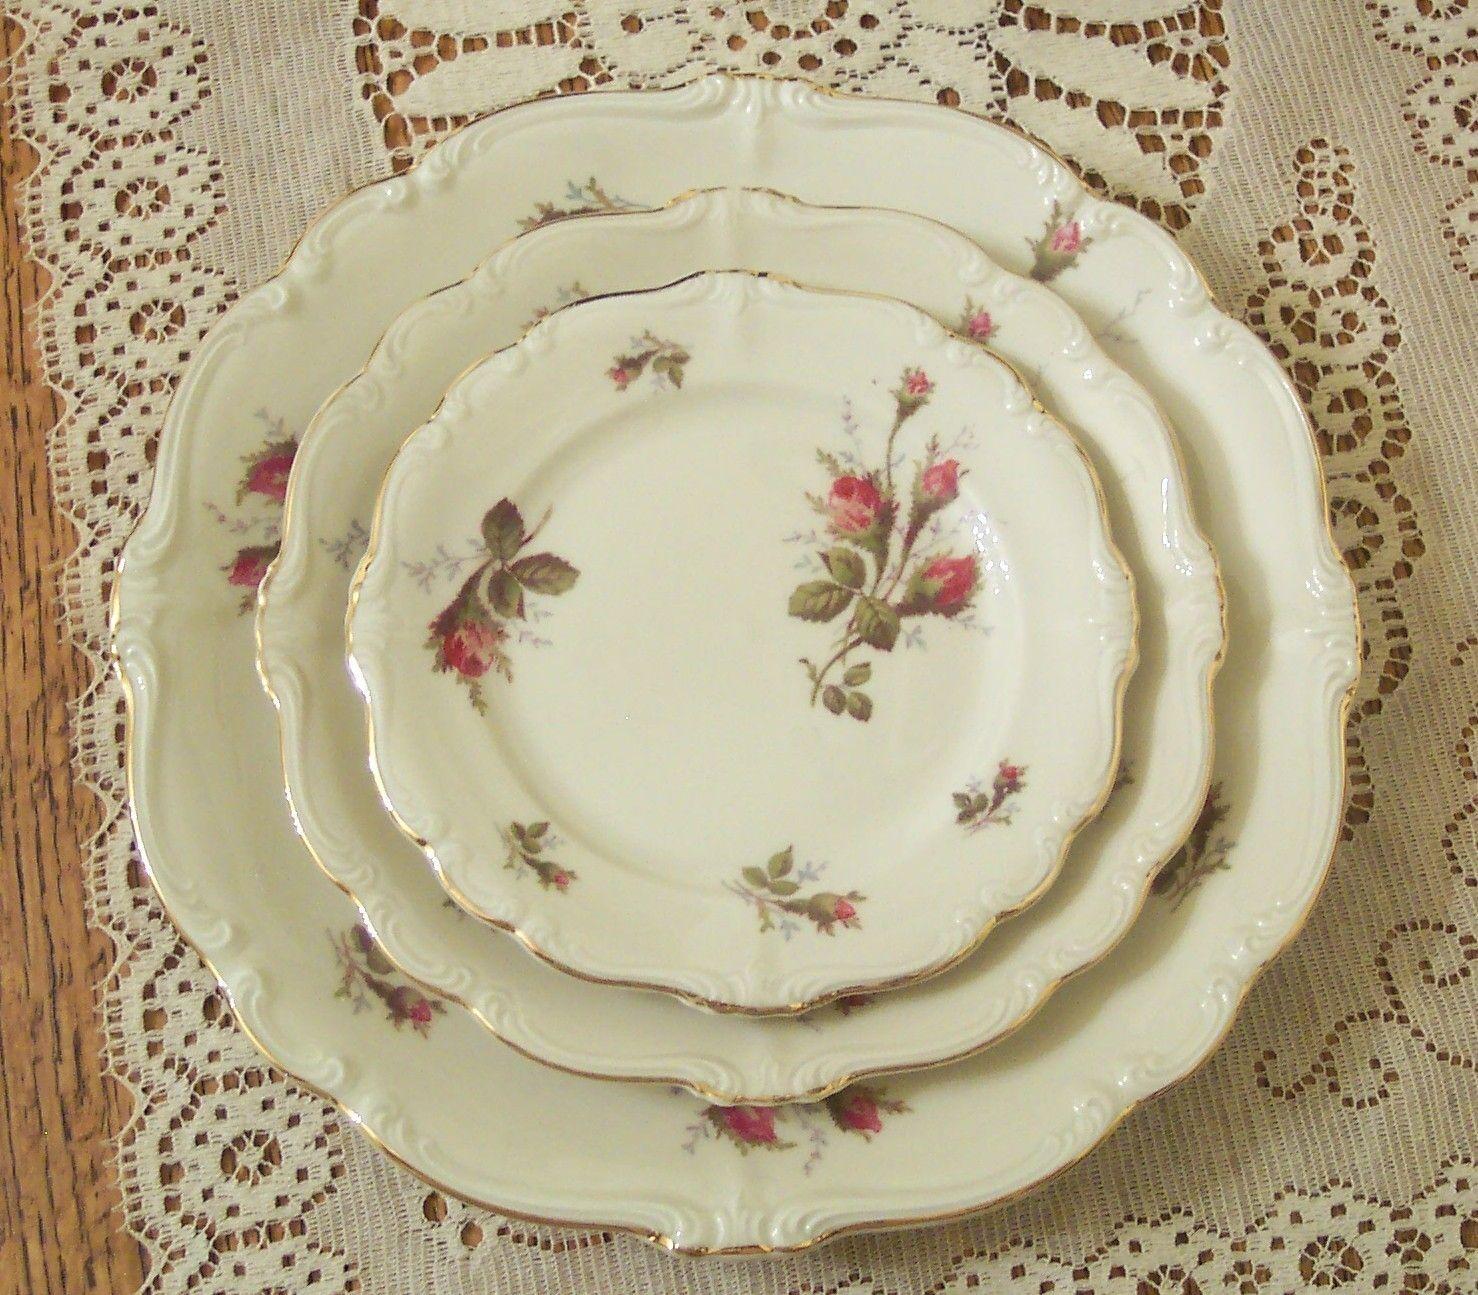 Rosenthal China Patterns 1950 | dinnerware rosenthal rosenthal moss rose  sc 1 st  Pinterest & Rosenthal China Patterns 1950 | dinnerware rosenthal rosenthal moss ...